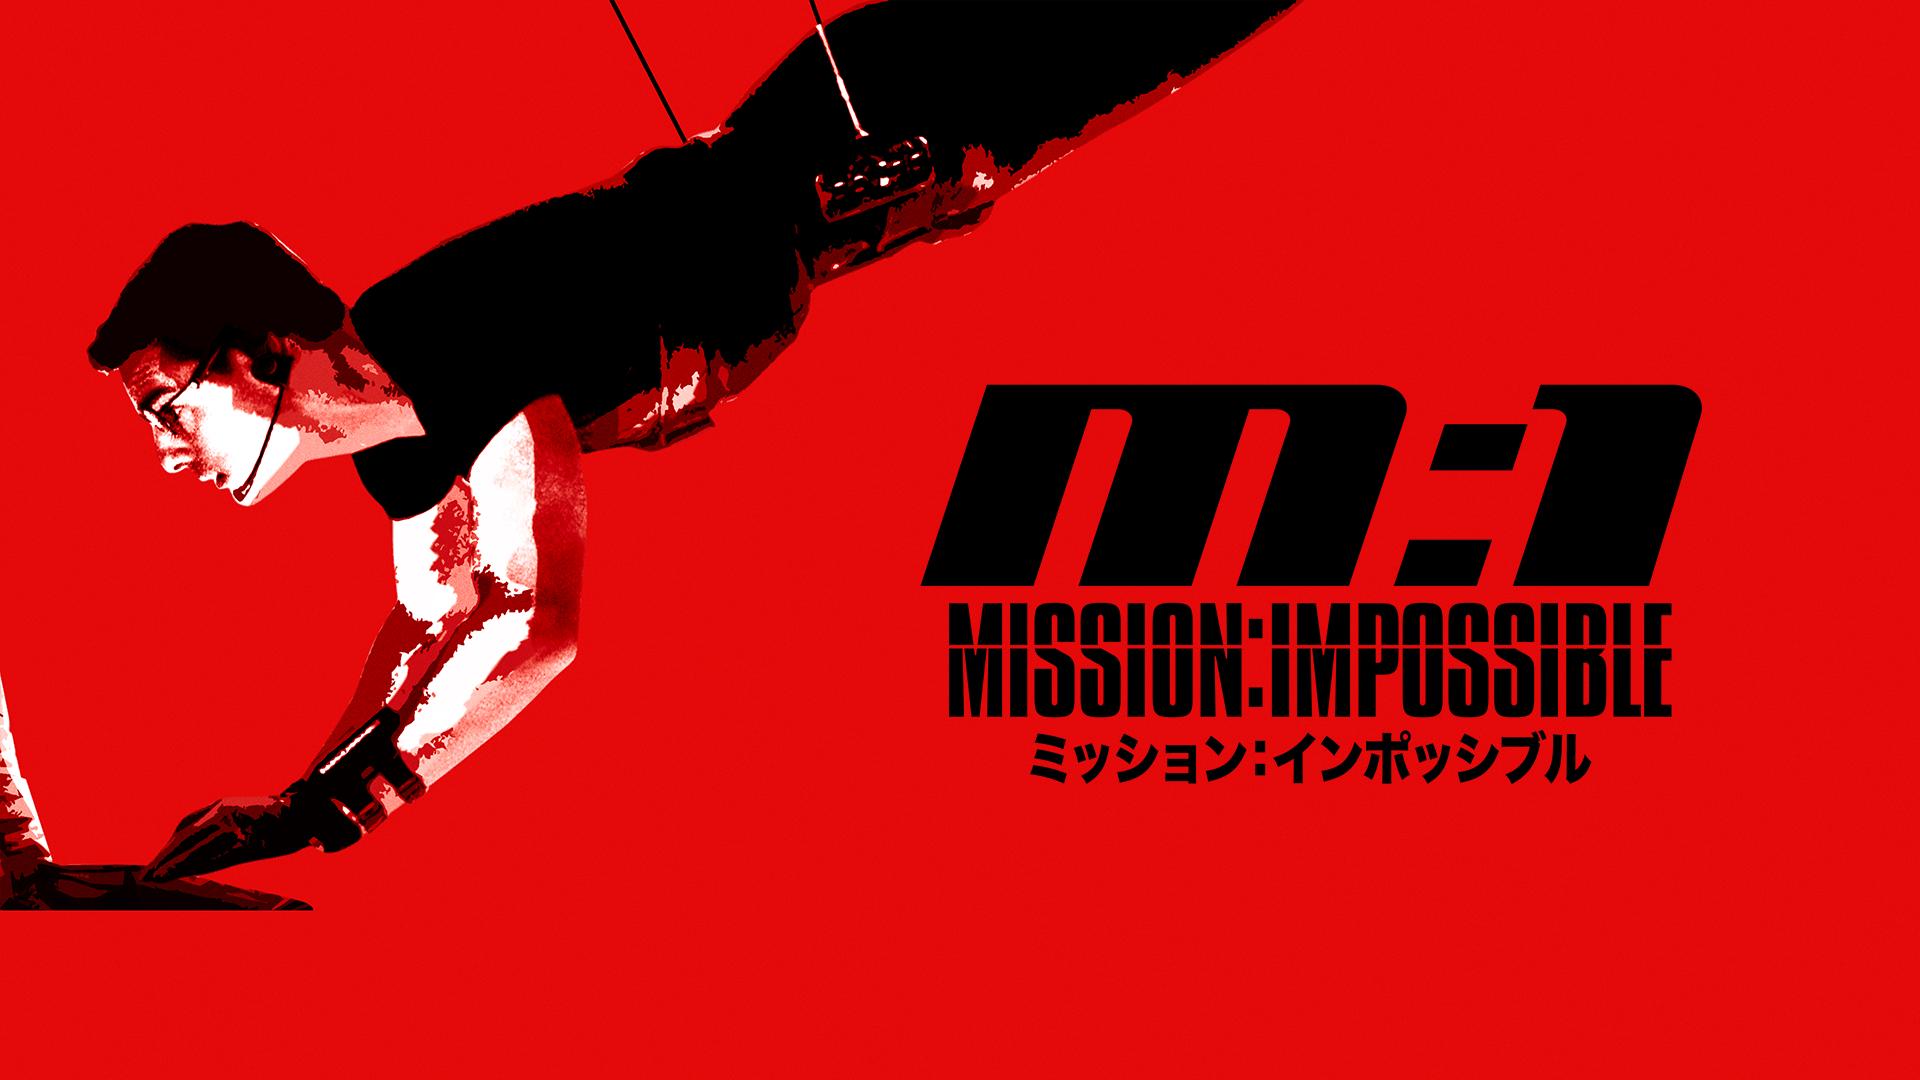 ミッション:インポッシブル1 動画